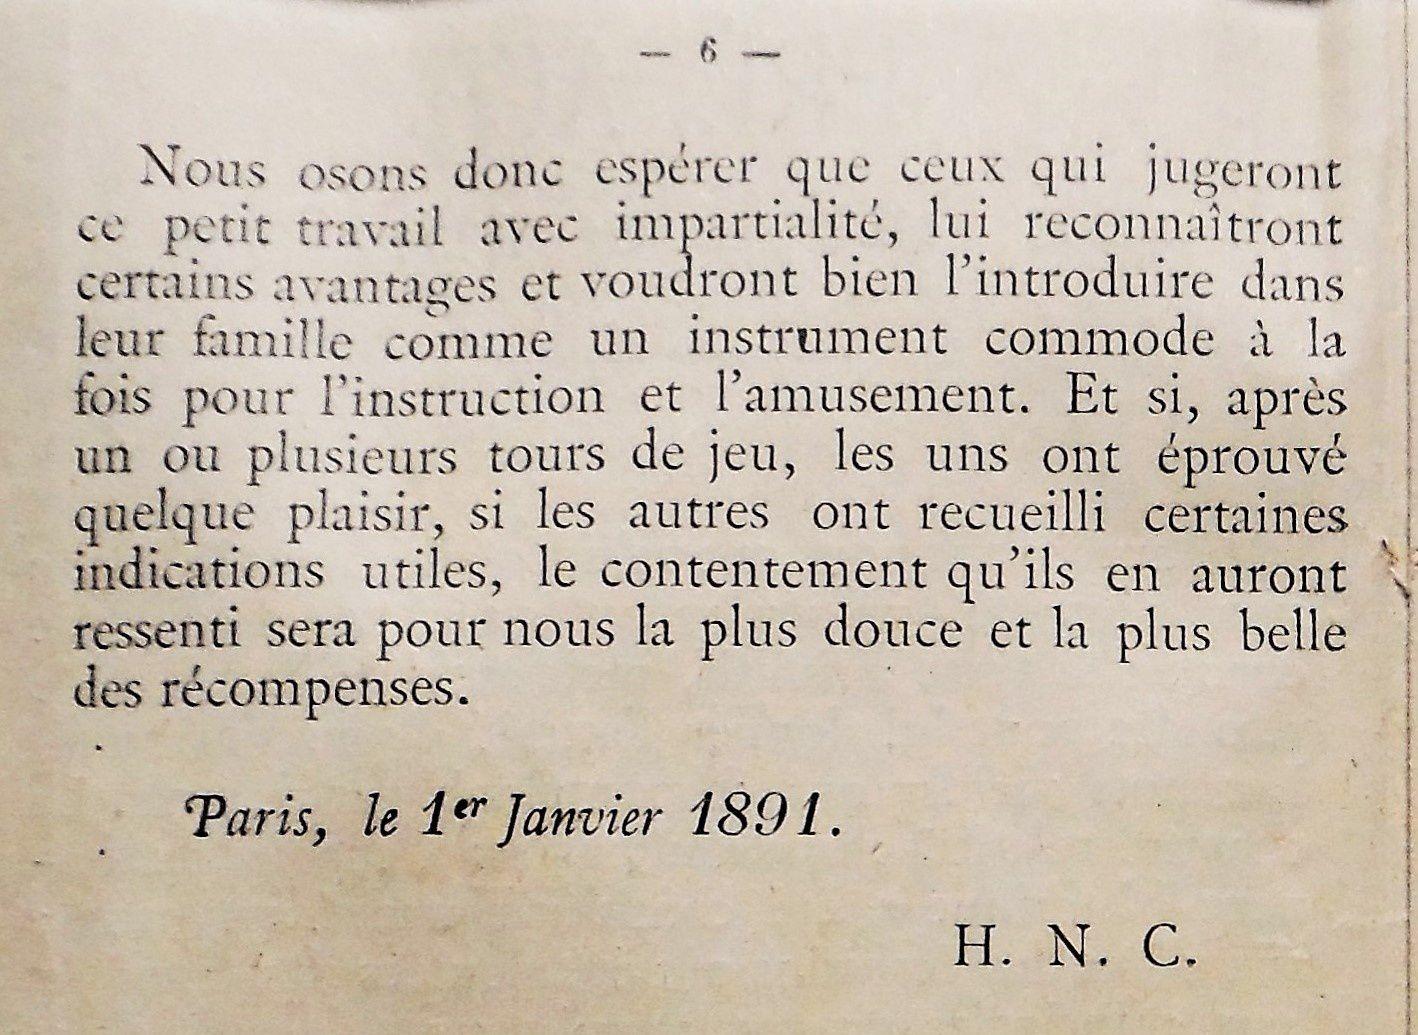 extrait de la notice,édition de 1891